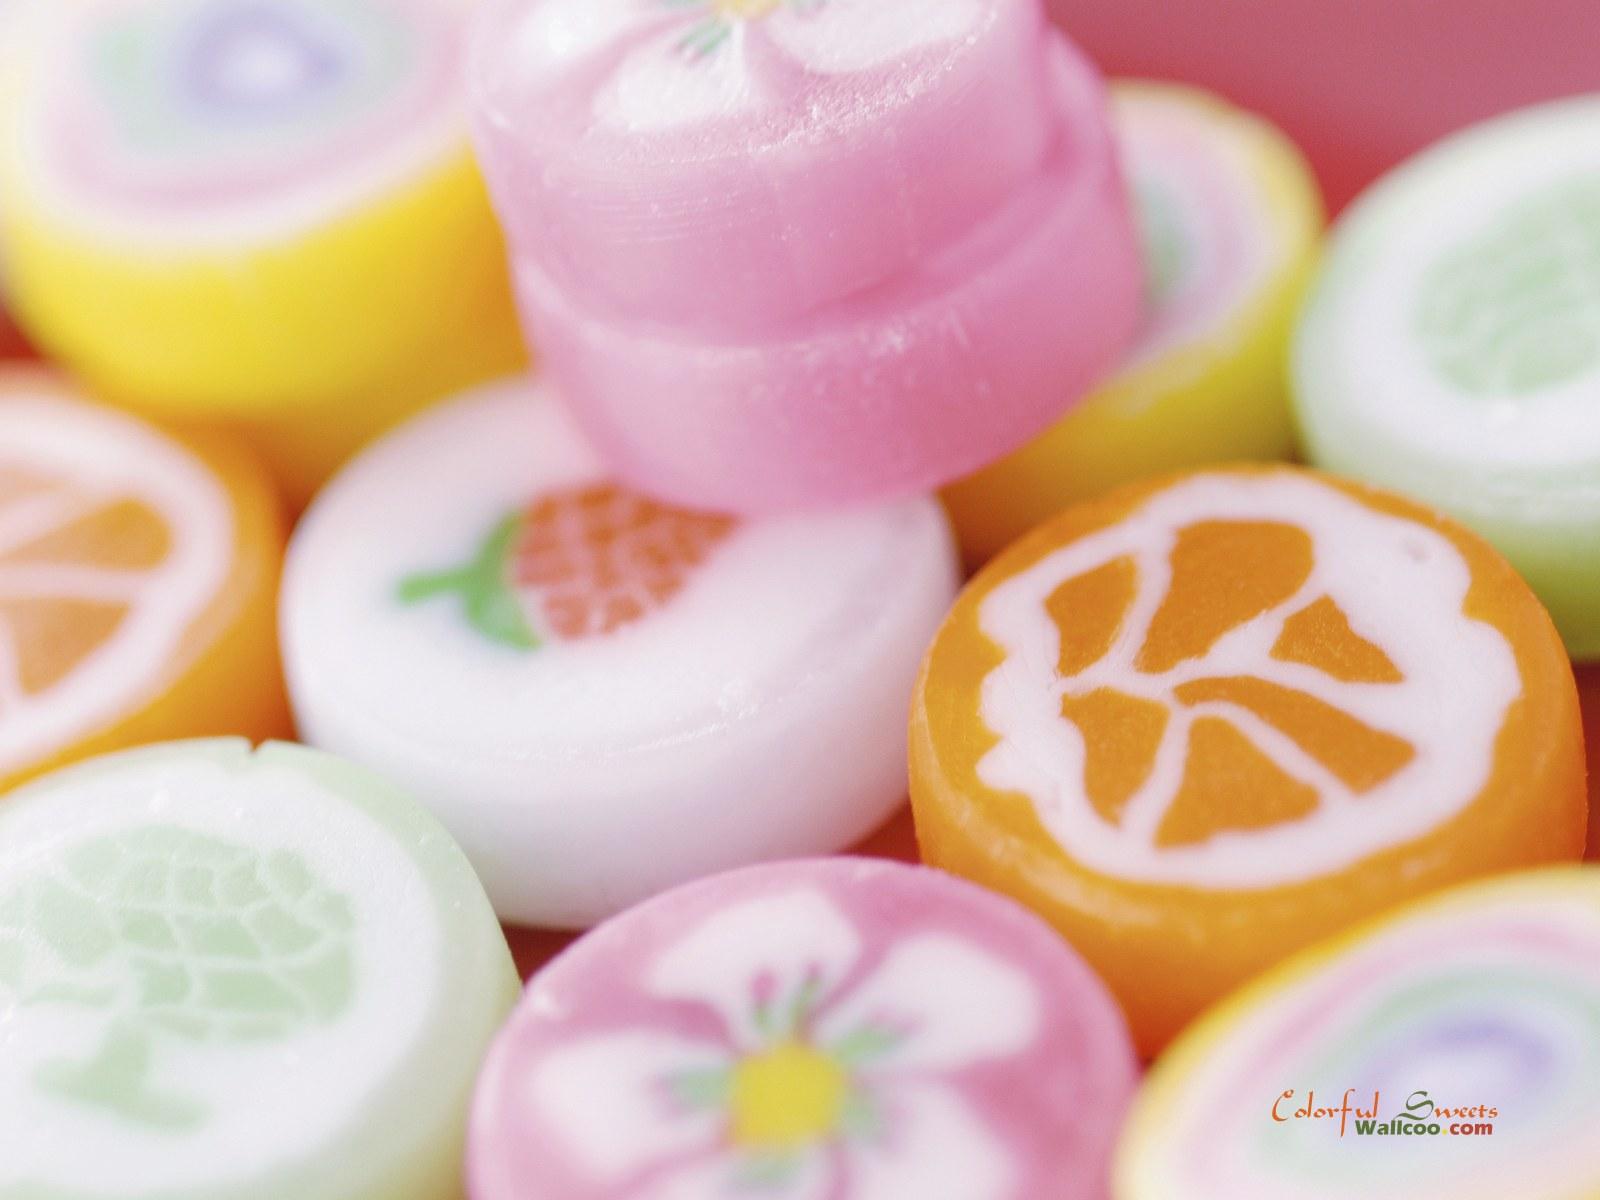 简洁个性网-壁纸-糖果色 简洁【图】韩国进口唯美 可爱彩色 色彩 个性